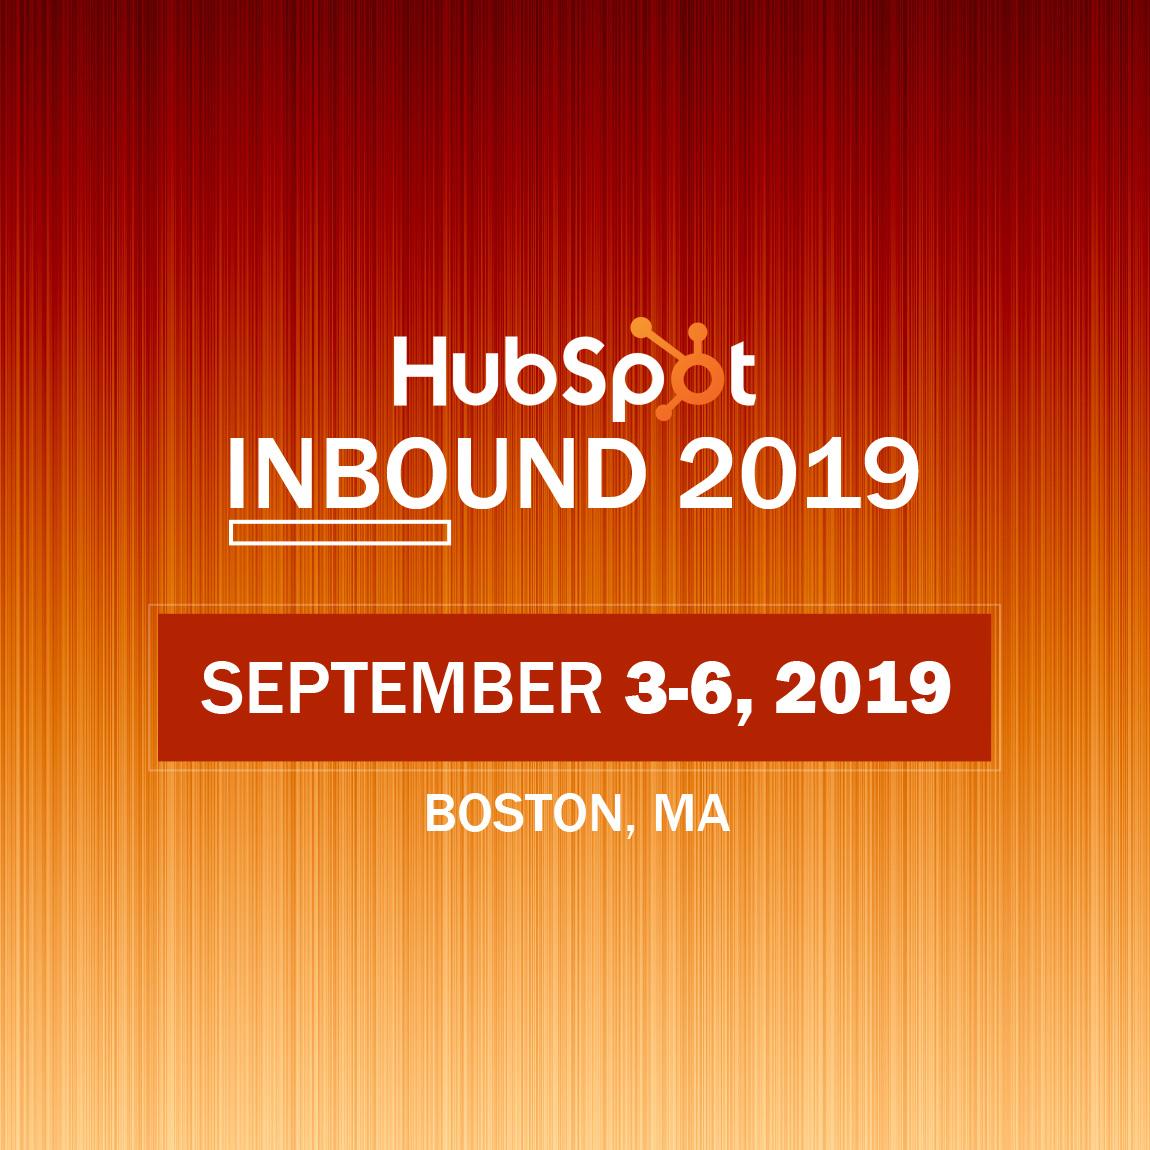 HUBSPOT'S INBOUND